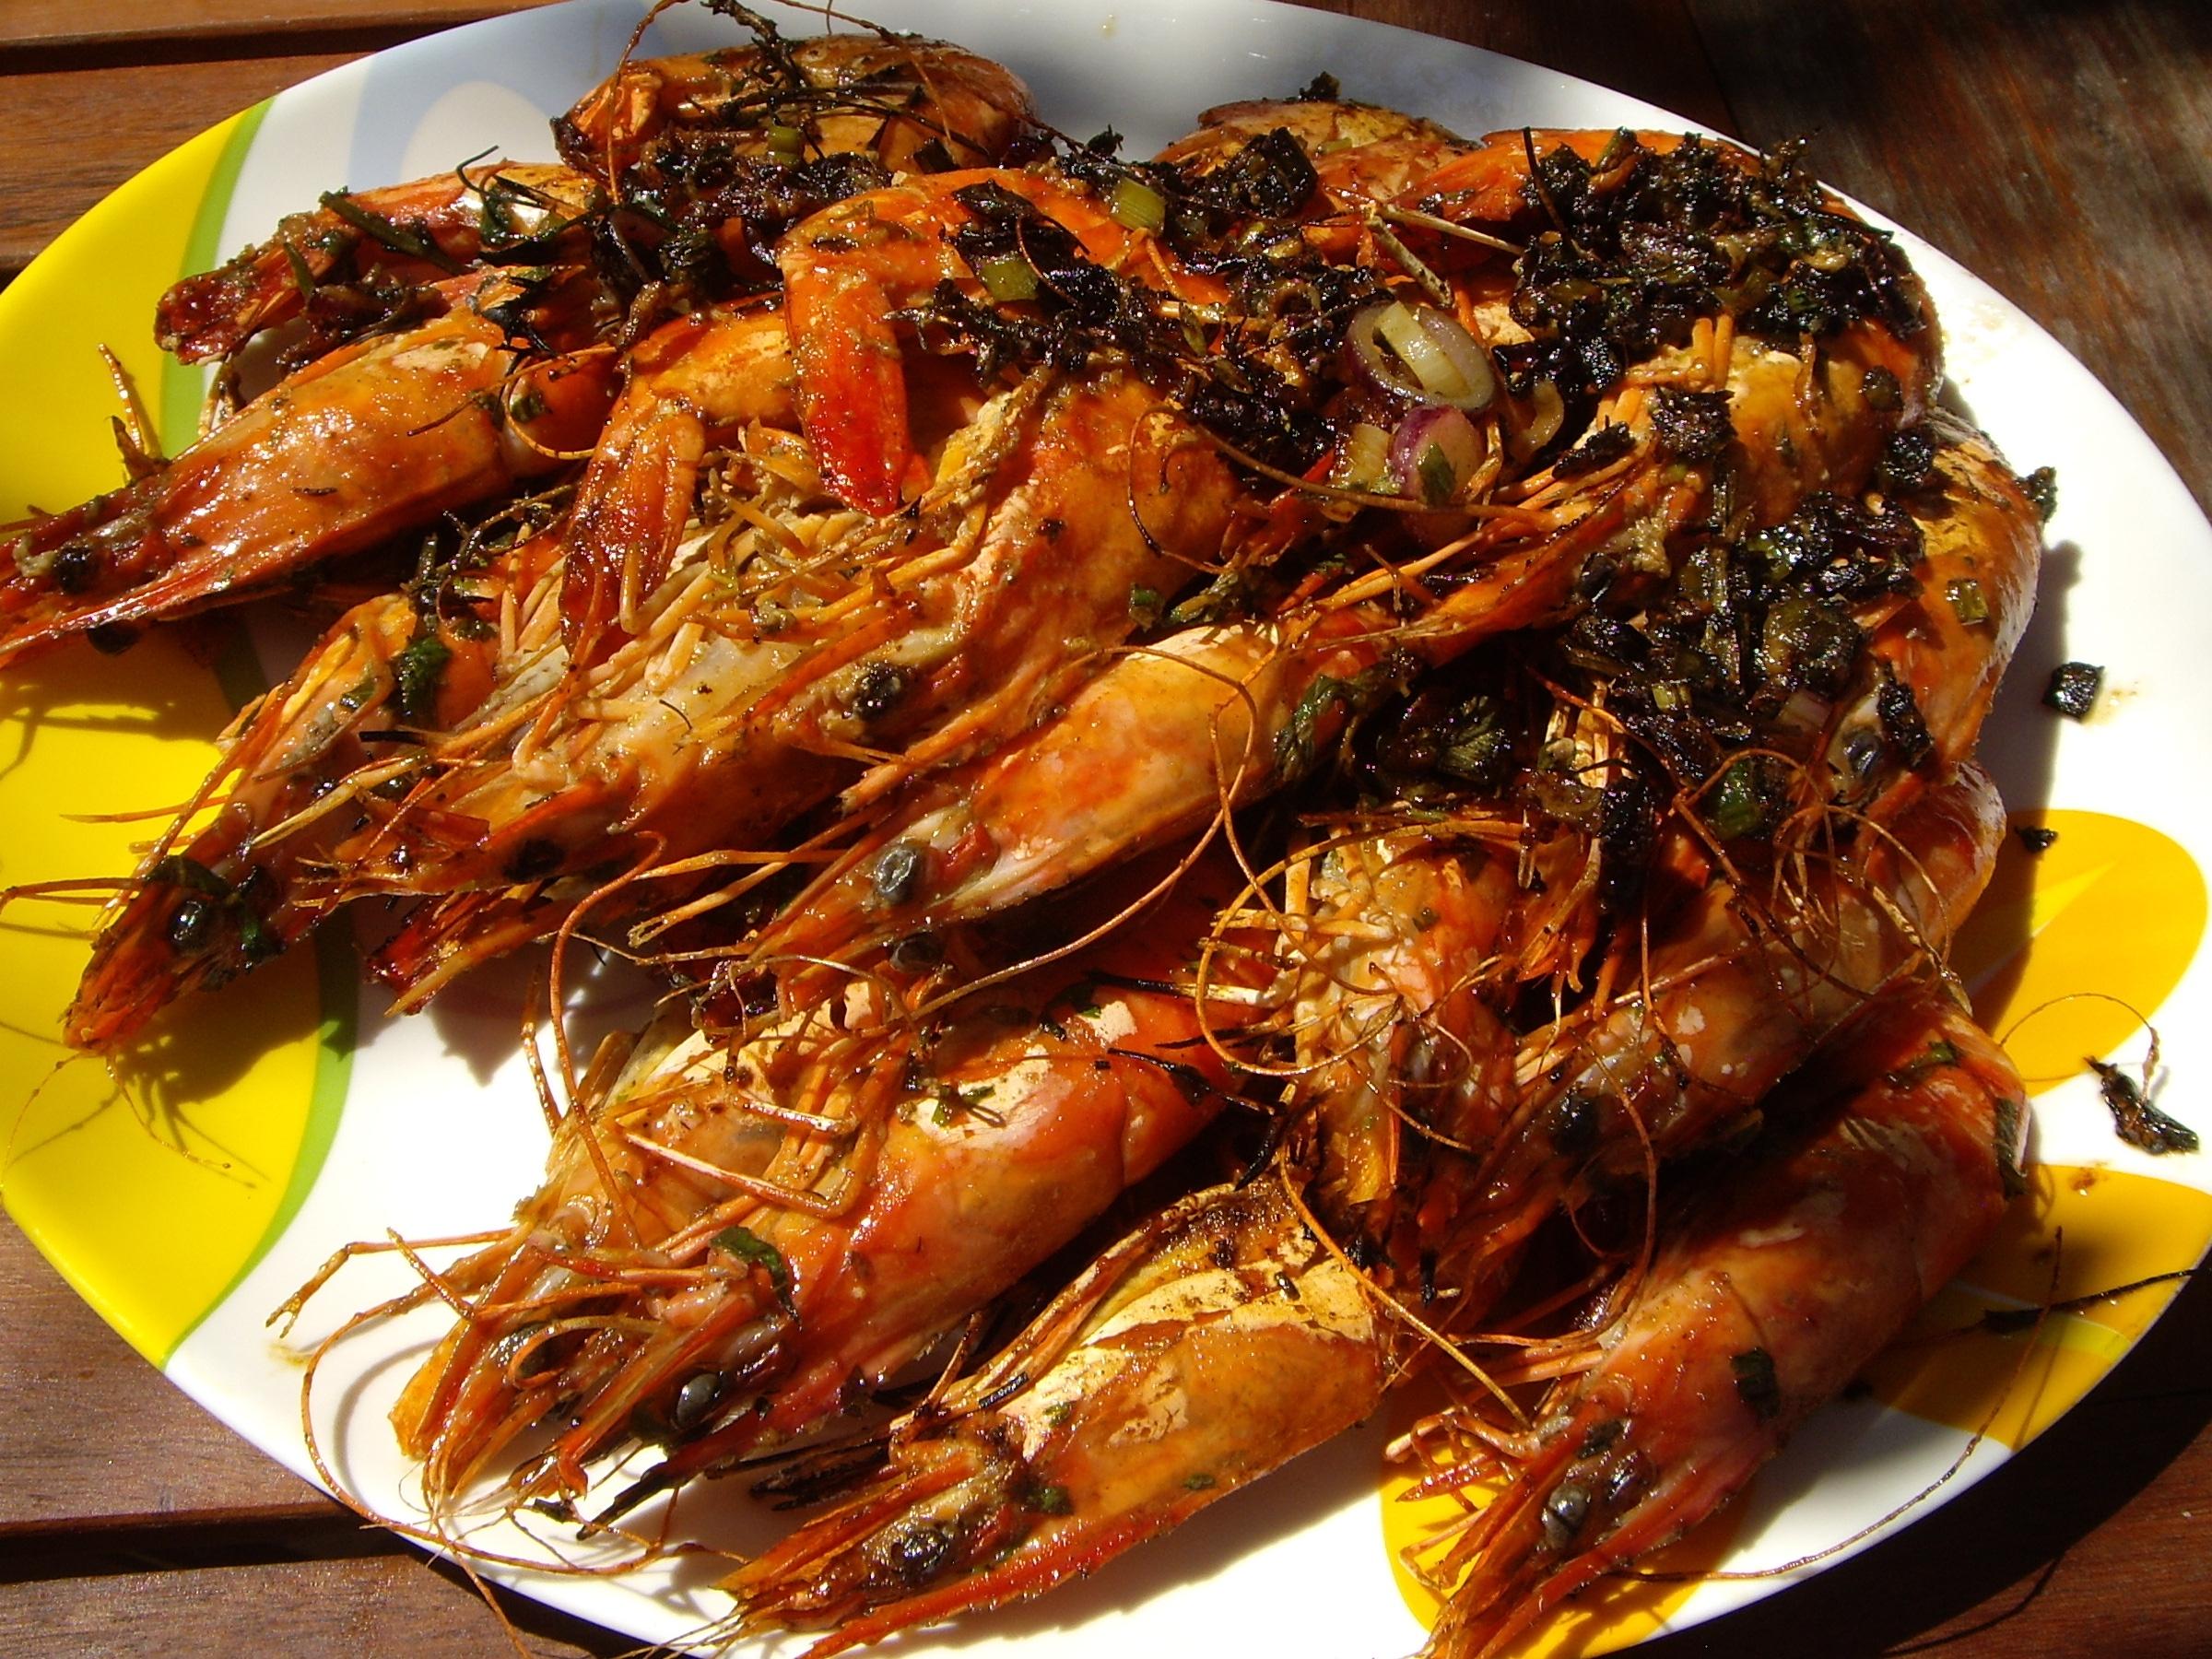 crevettes aux epices a la plancha